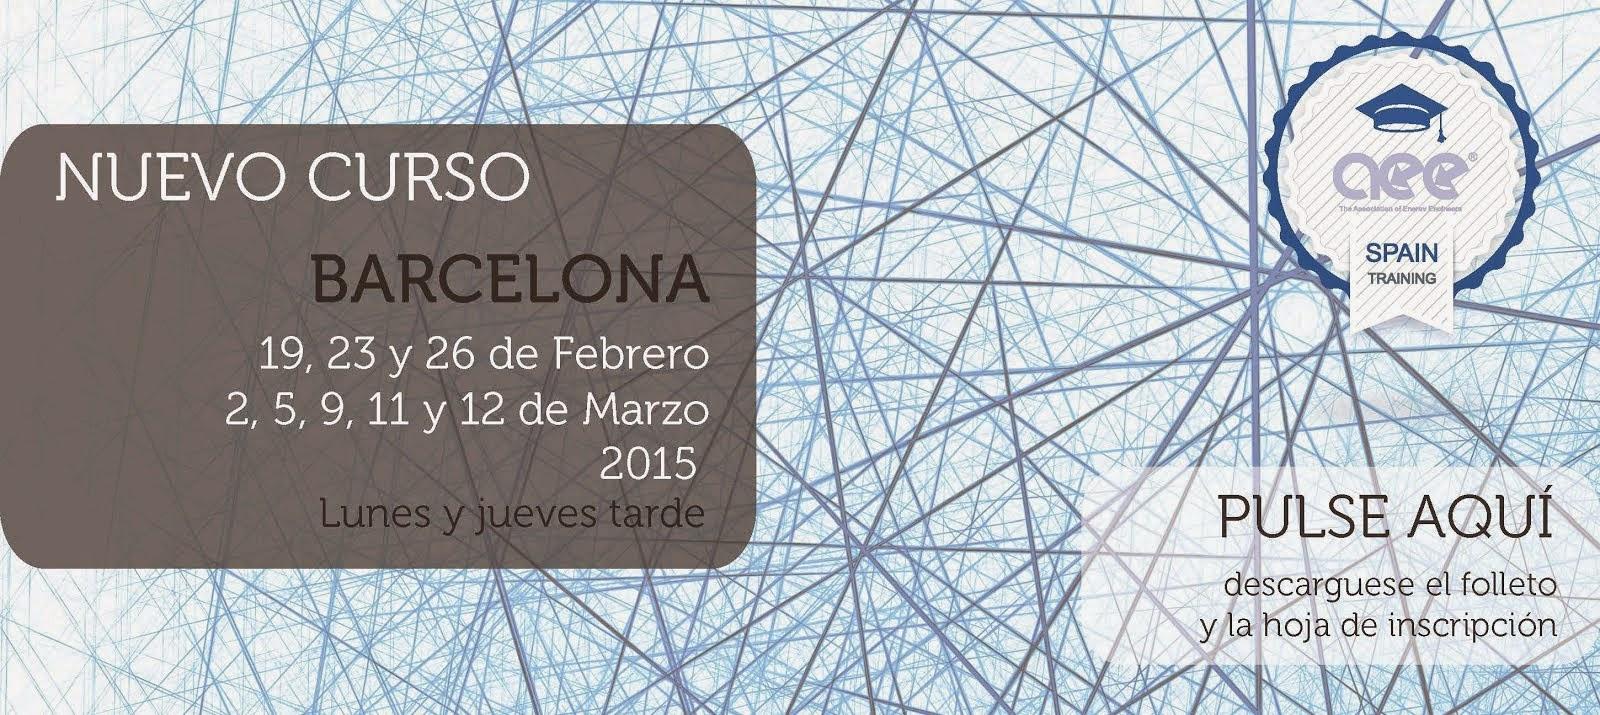 Curso CEM Barcelona Febrero 2015 (Lunes y jueves tarde)